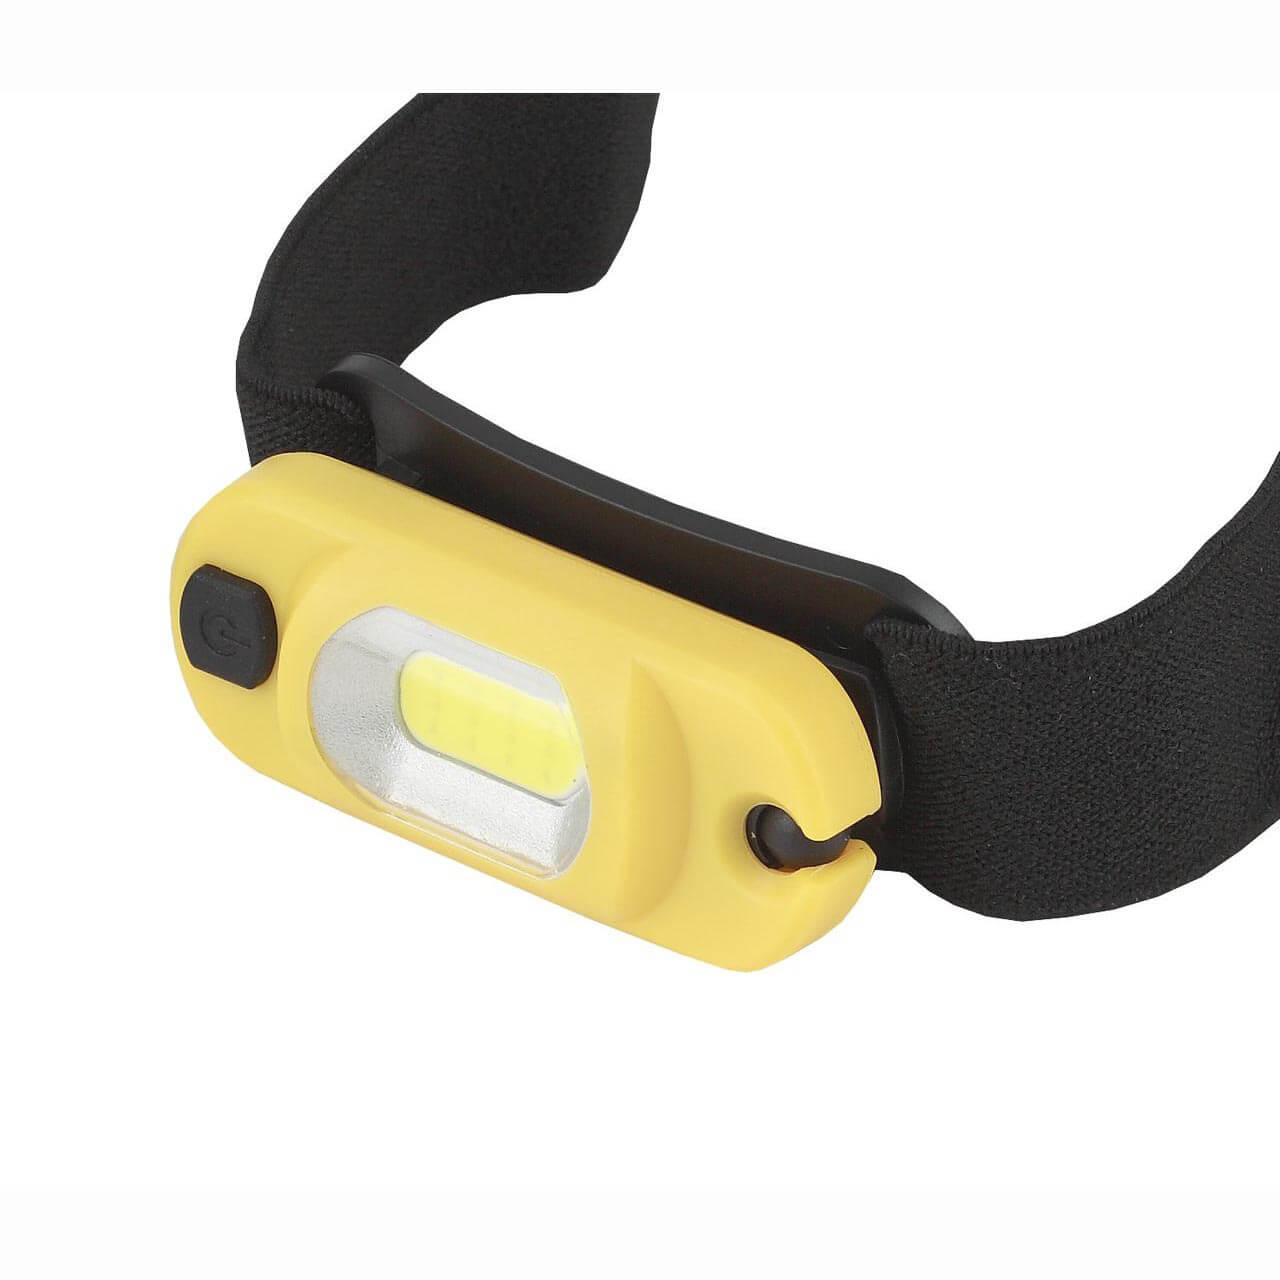 Налобный светодиодный фонарь ЭРА Практик аккумуляторный 150 лм GA-801 фонарь эра ga 801